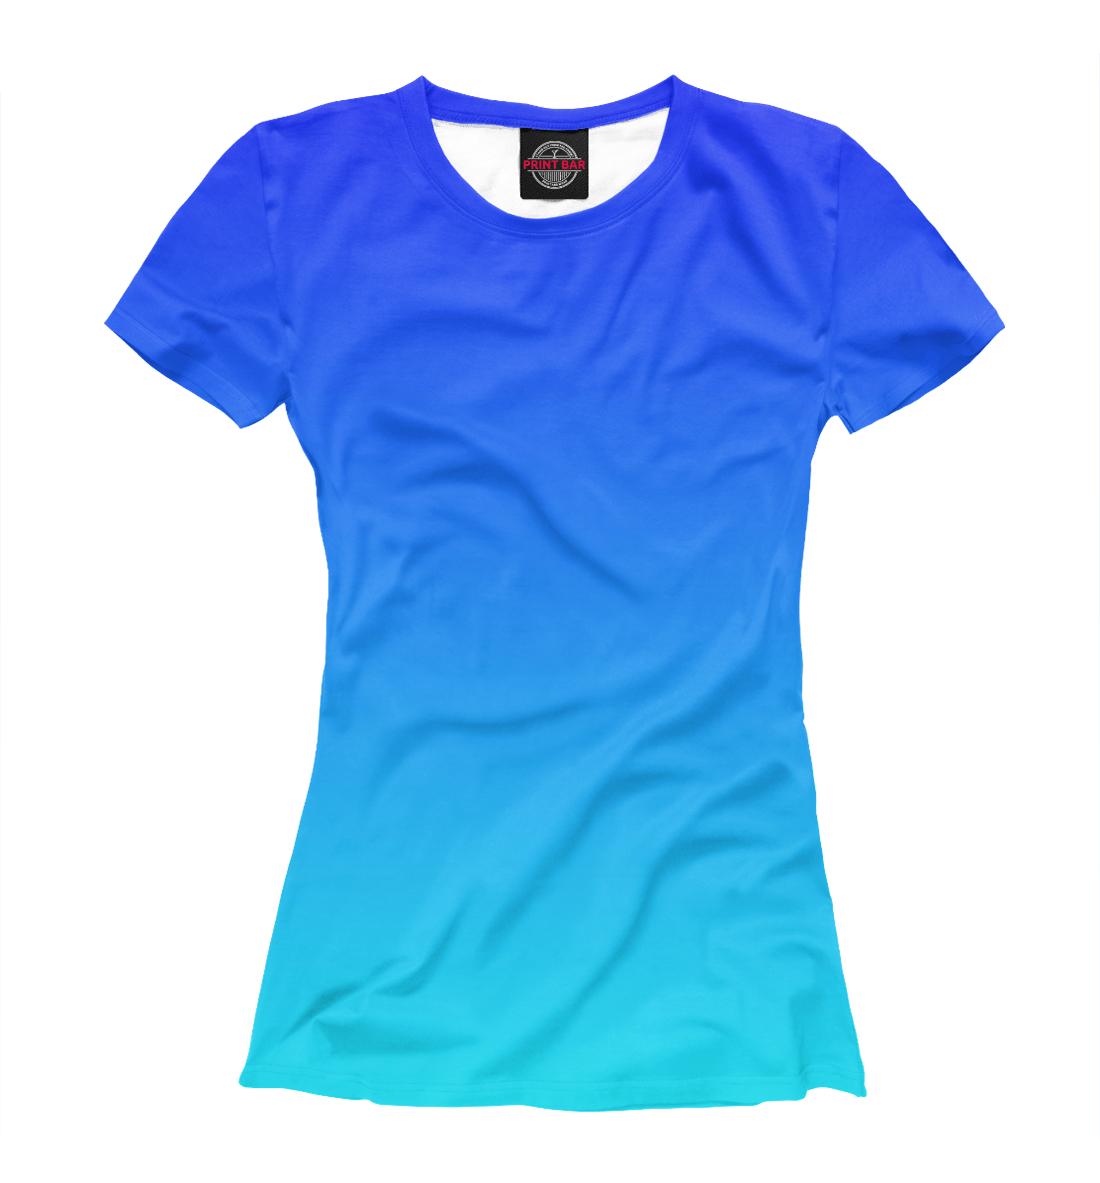 Купить Градиент: Синий в Голубой, Printbar, Футболки, CLR-742572-fut-1